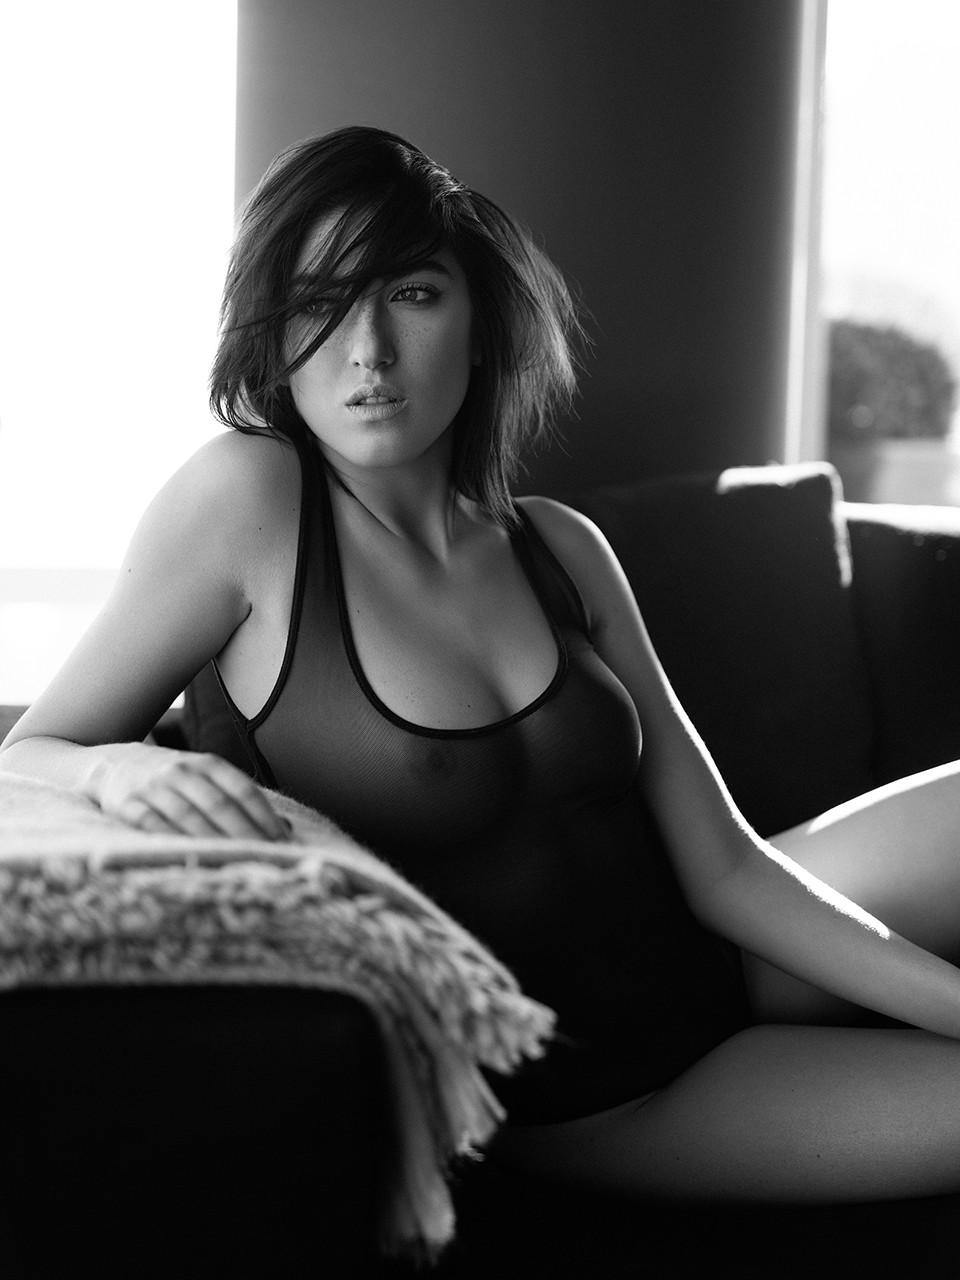 Dina Roud Topless (6 Photos)